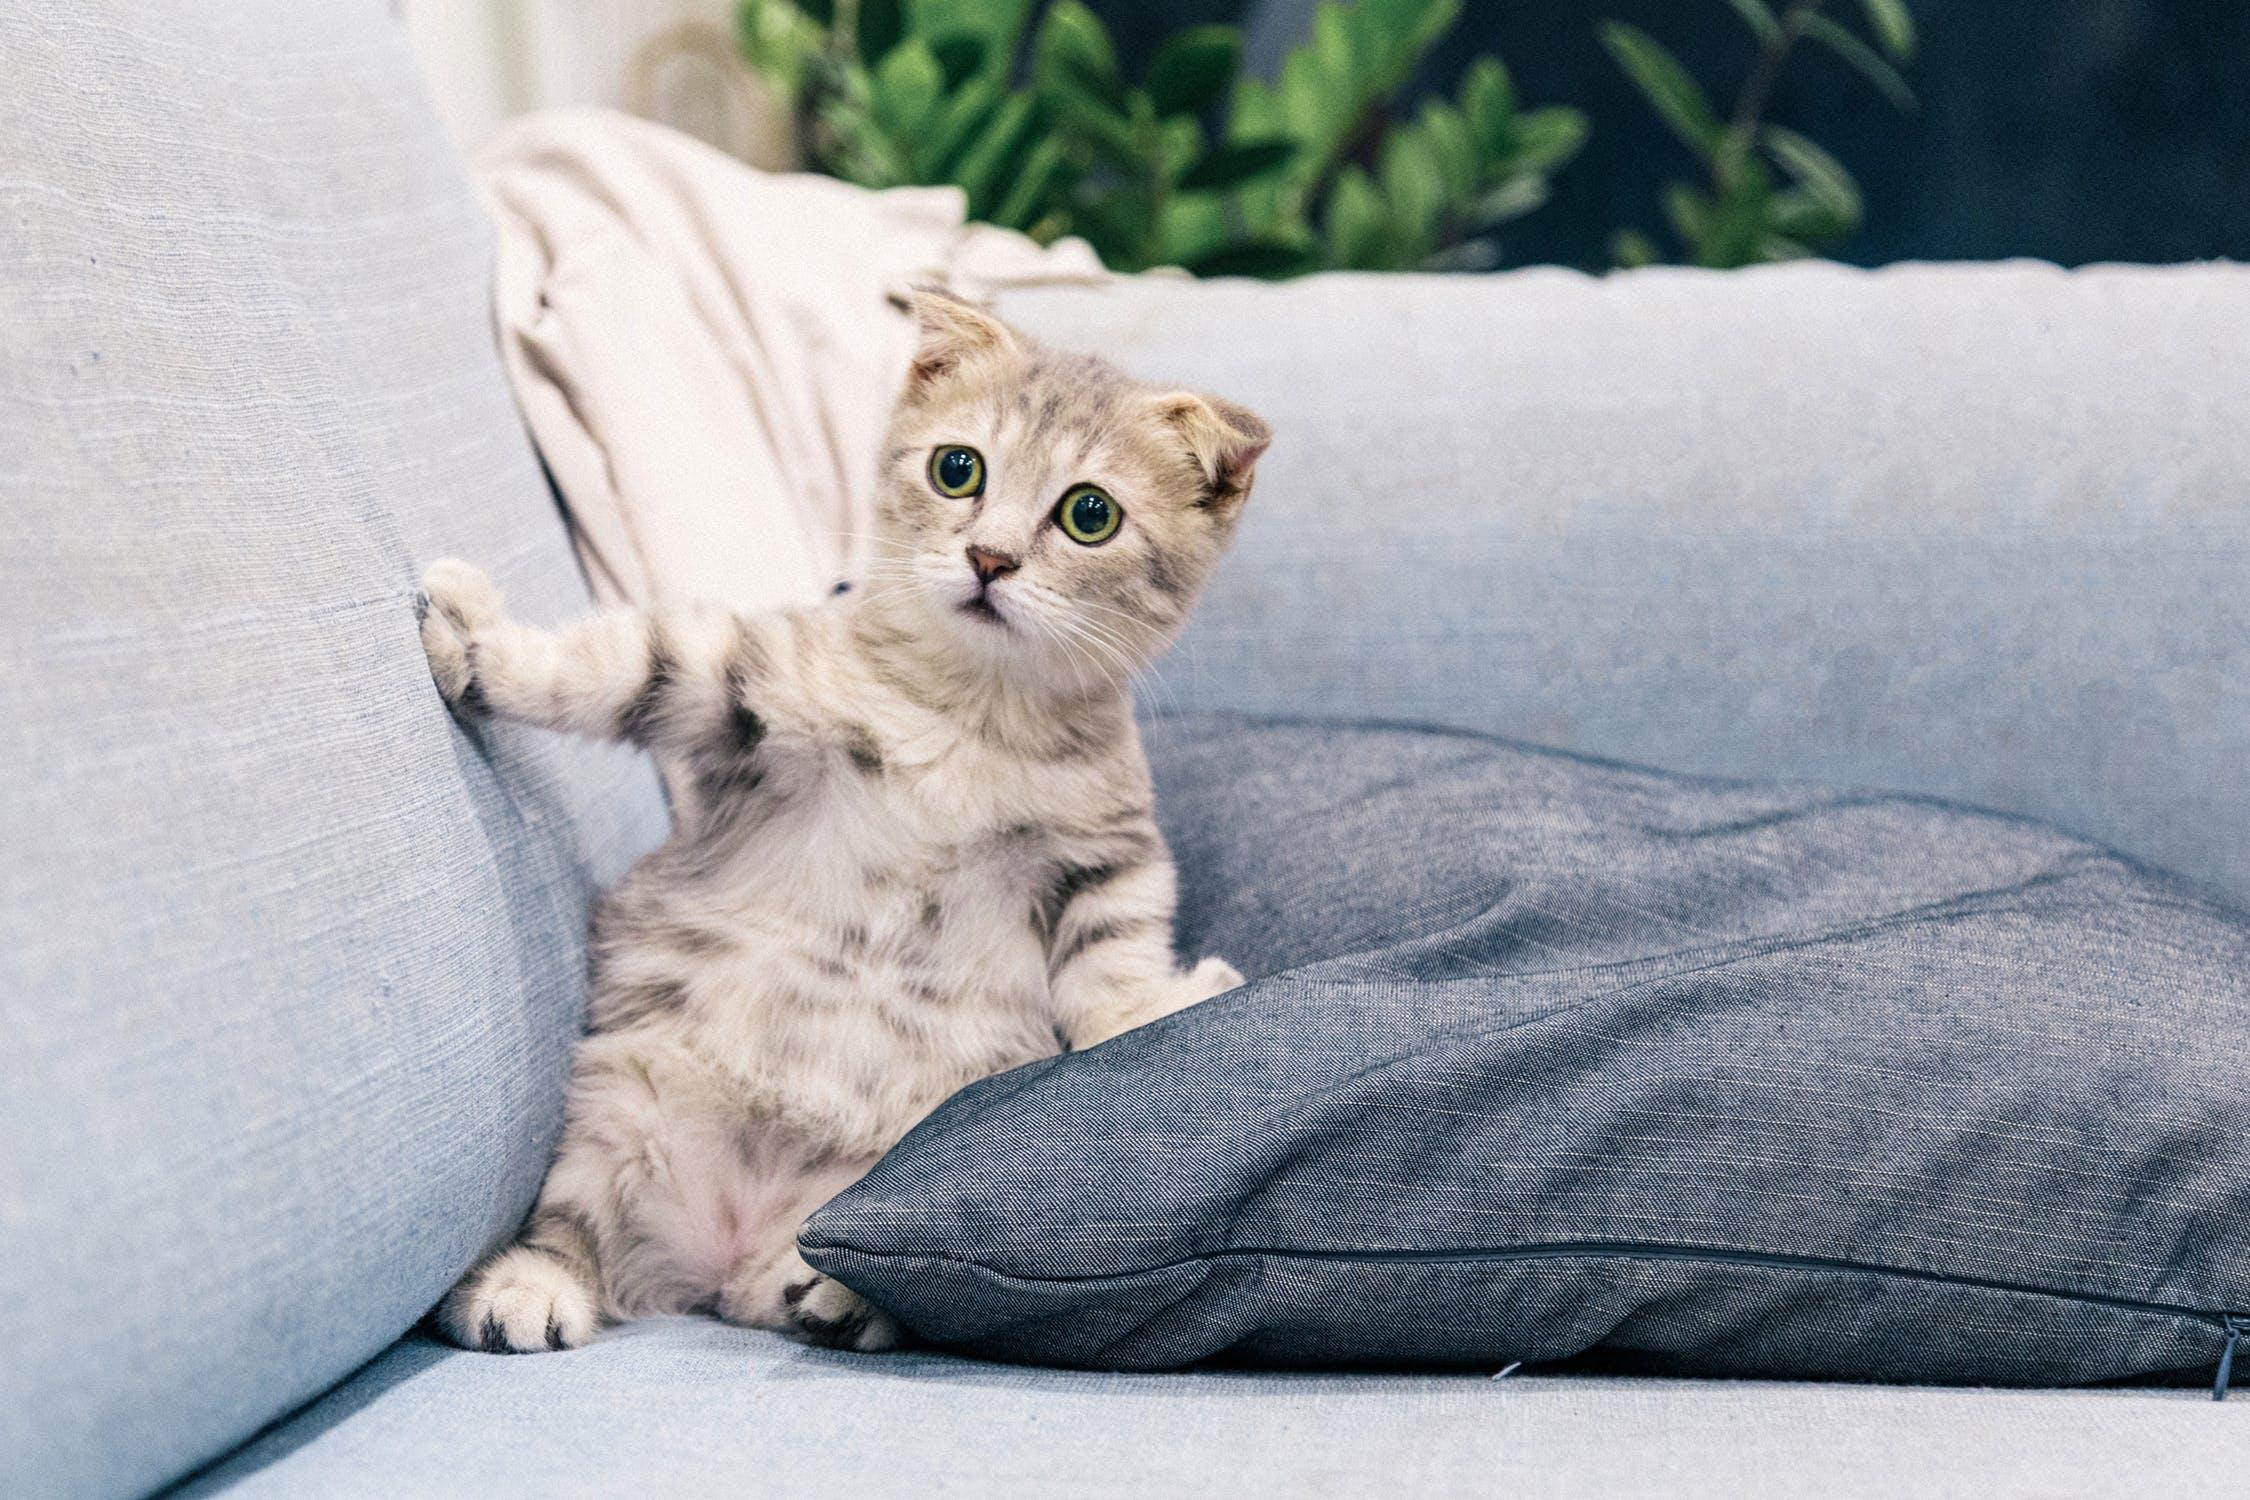 Poils de chat sur le linge : que faire ?